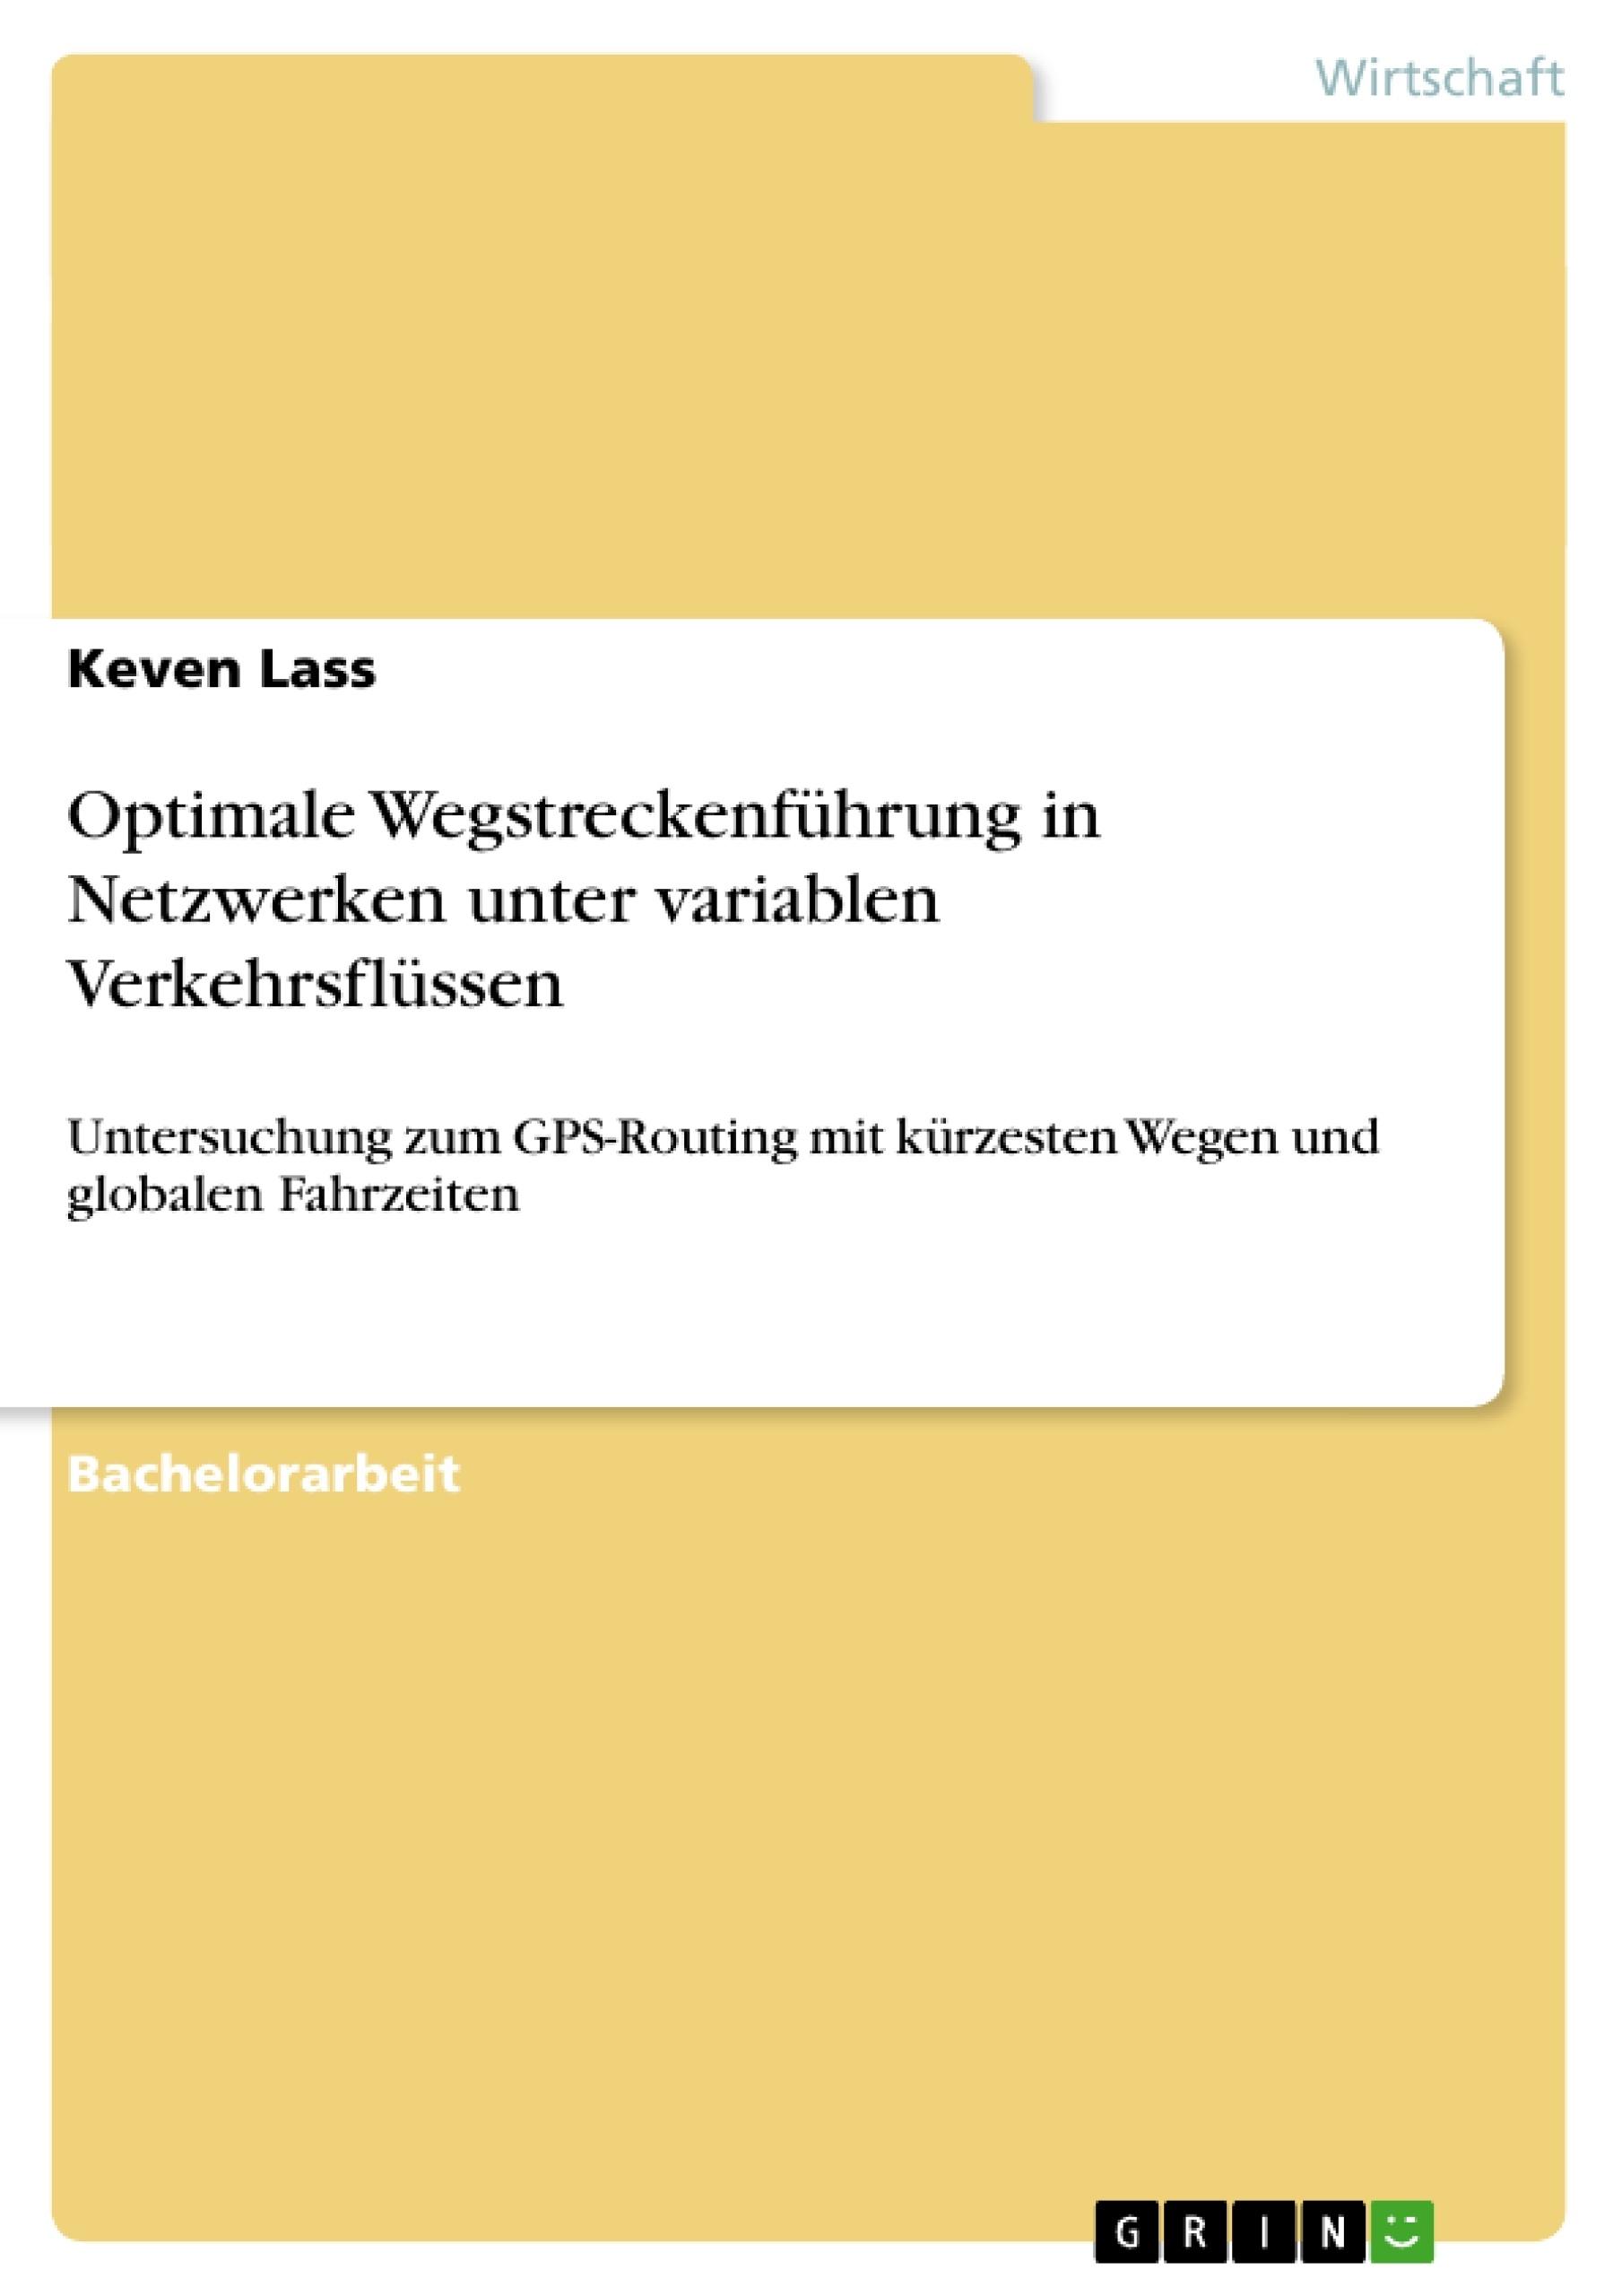 Titel: Optimale Wegstreckenführung in Netzwerken unter variablen Verkehrsflüssen